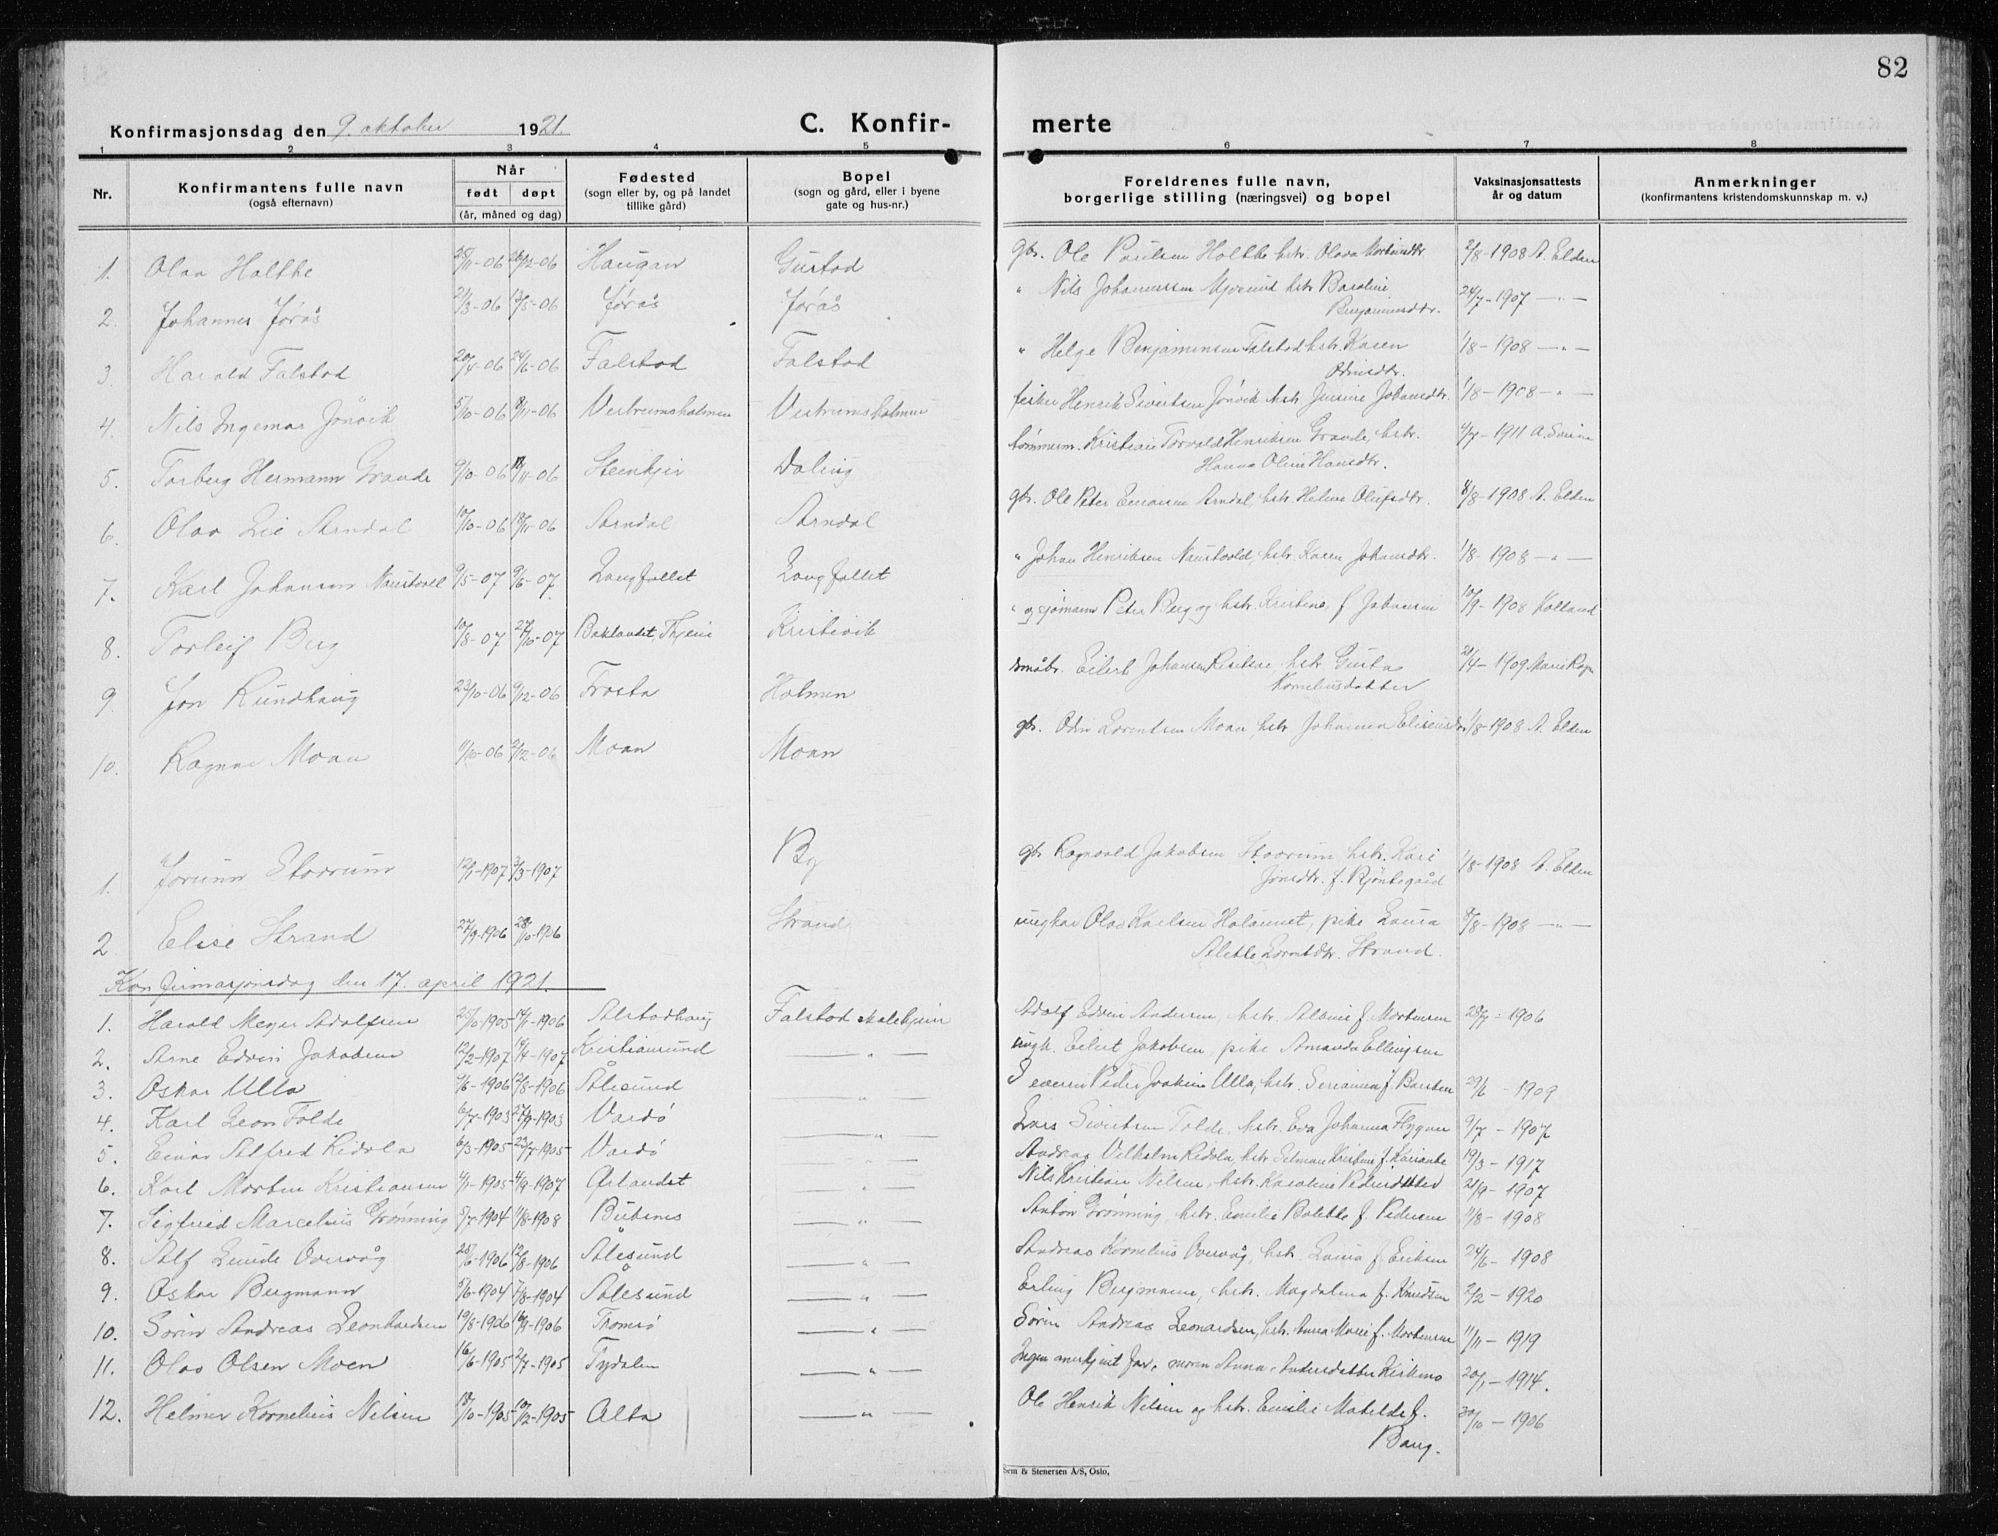 SAT, Ministerialprotokoller, klokkerbøker og fødselsregistre - Nord-Trøndelag, 719/L0180: Klokkerbok nr. 719C01, 1878-1940, s. 82